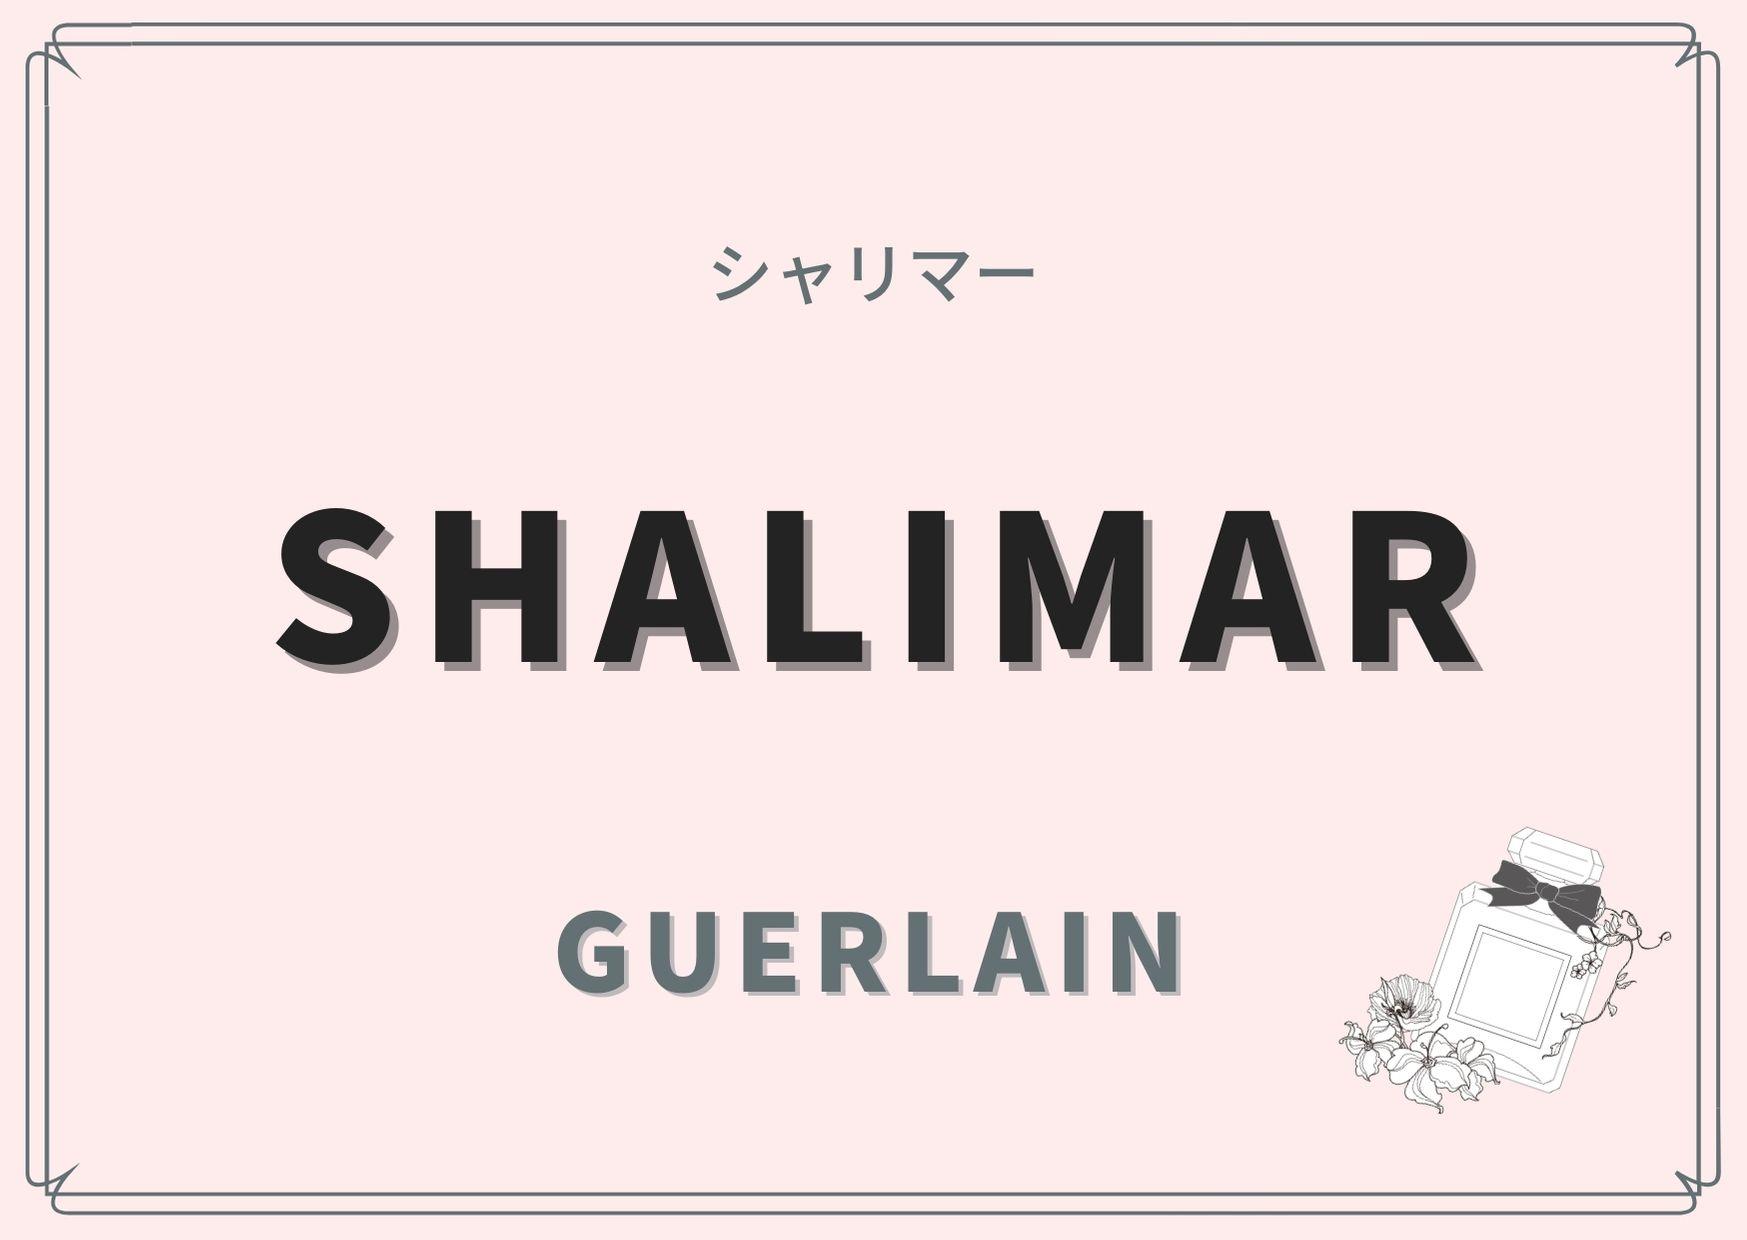 SHALIMAR(シャリマー)/GUERLAIN(ゲラン)